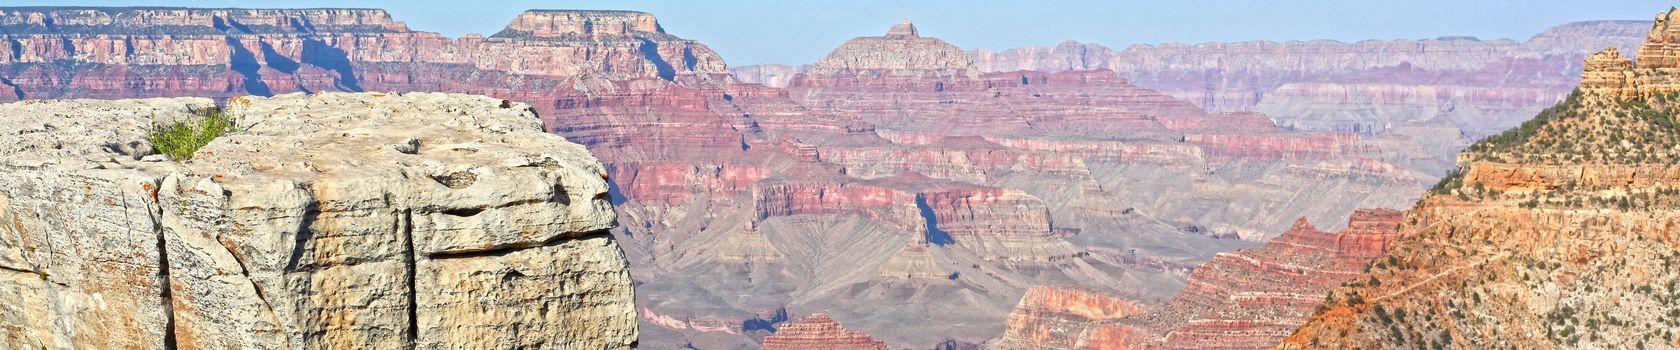 Фото бесплатно гранд-каньон, национальный, старый